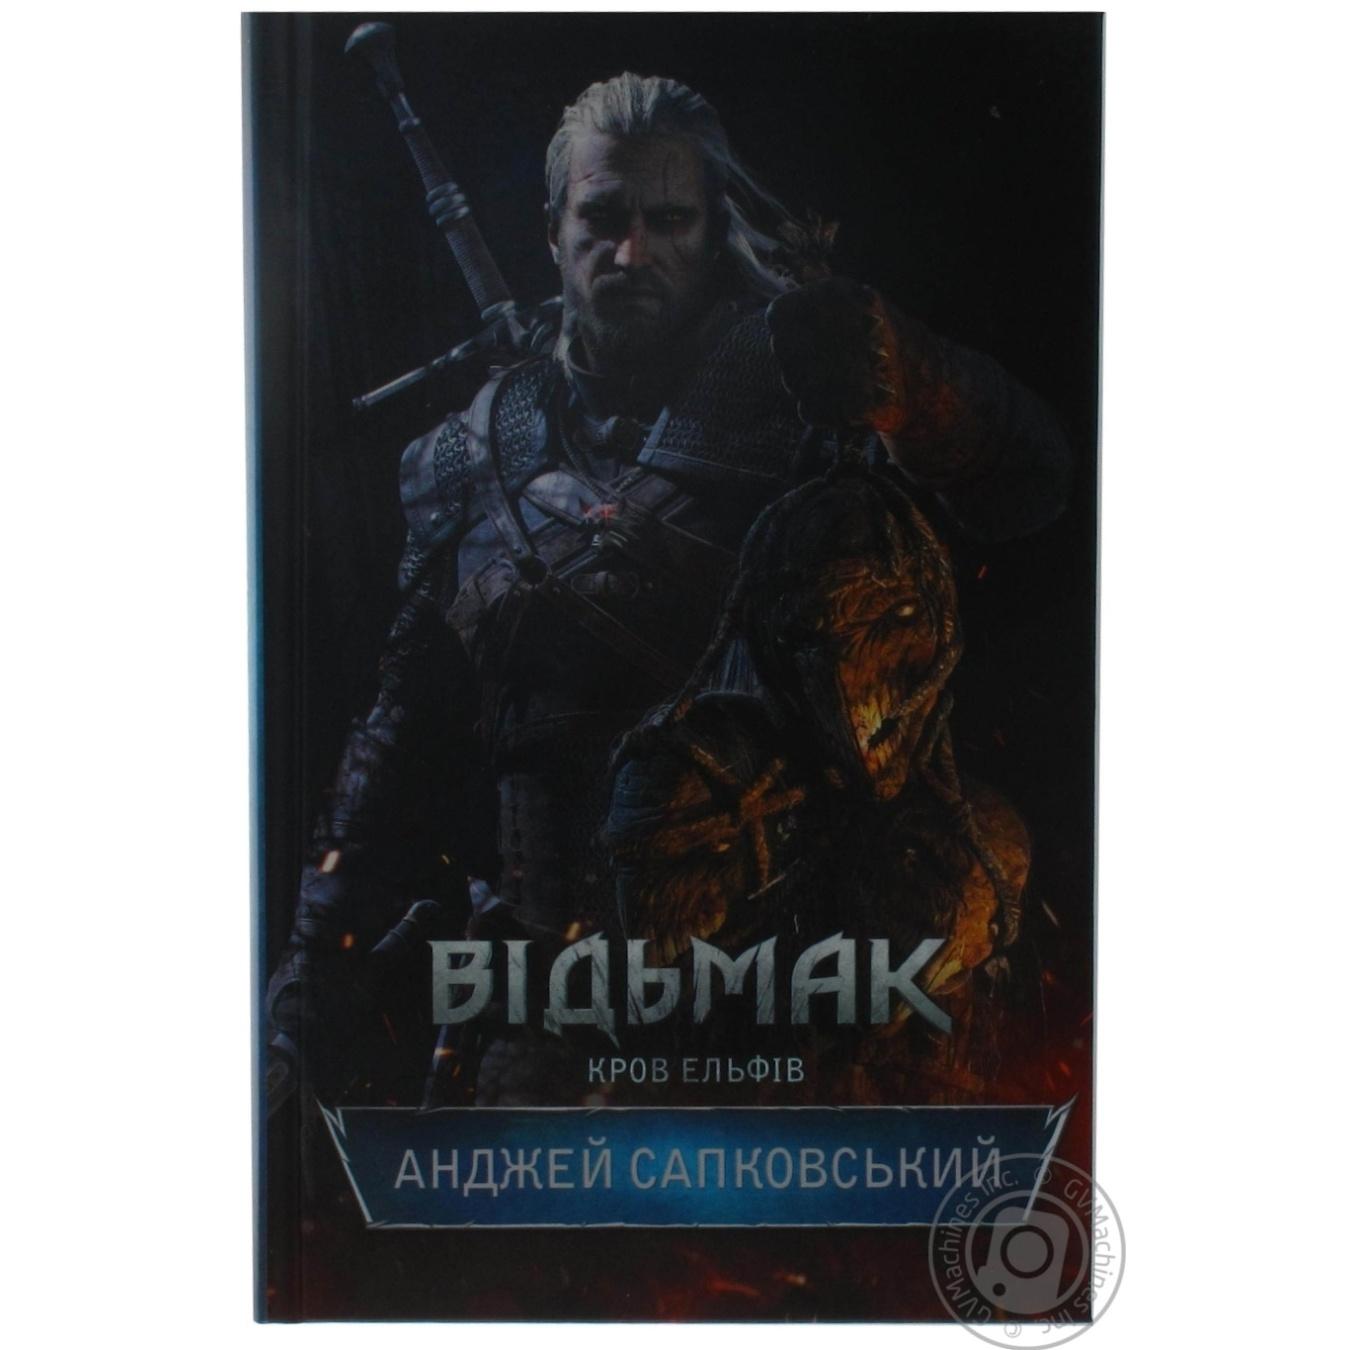 Купить 784, Книга Сапковський А. / Відьмак. Кров ельфів